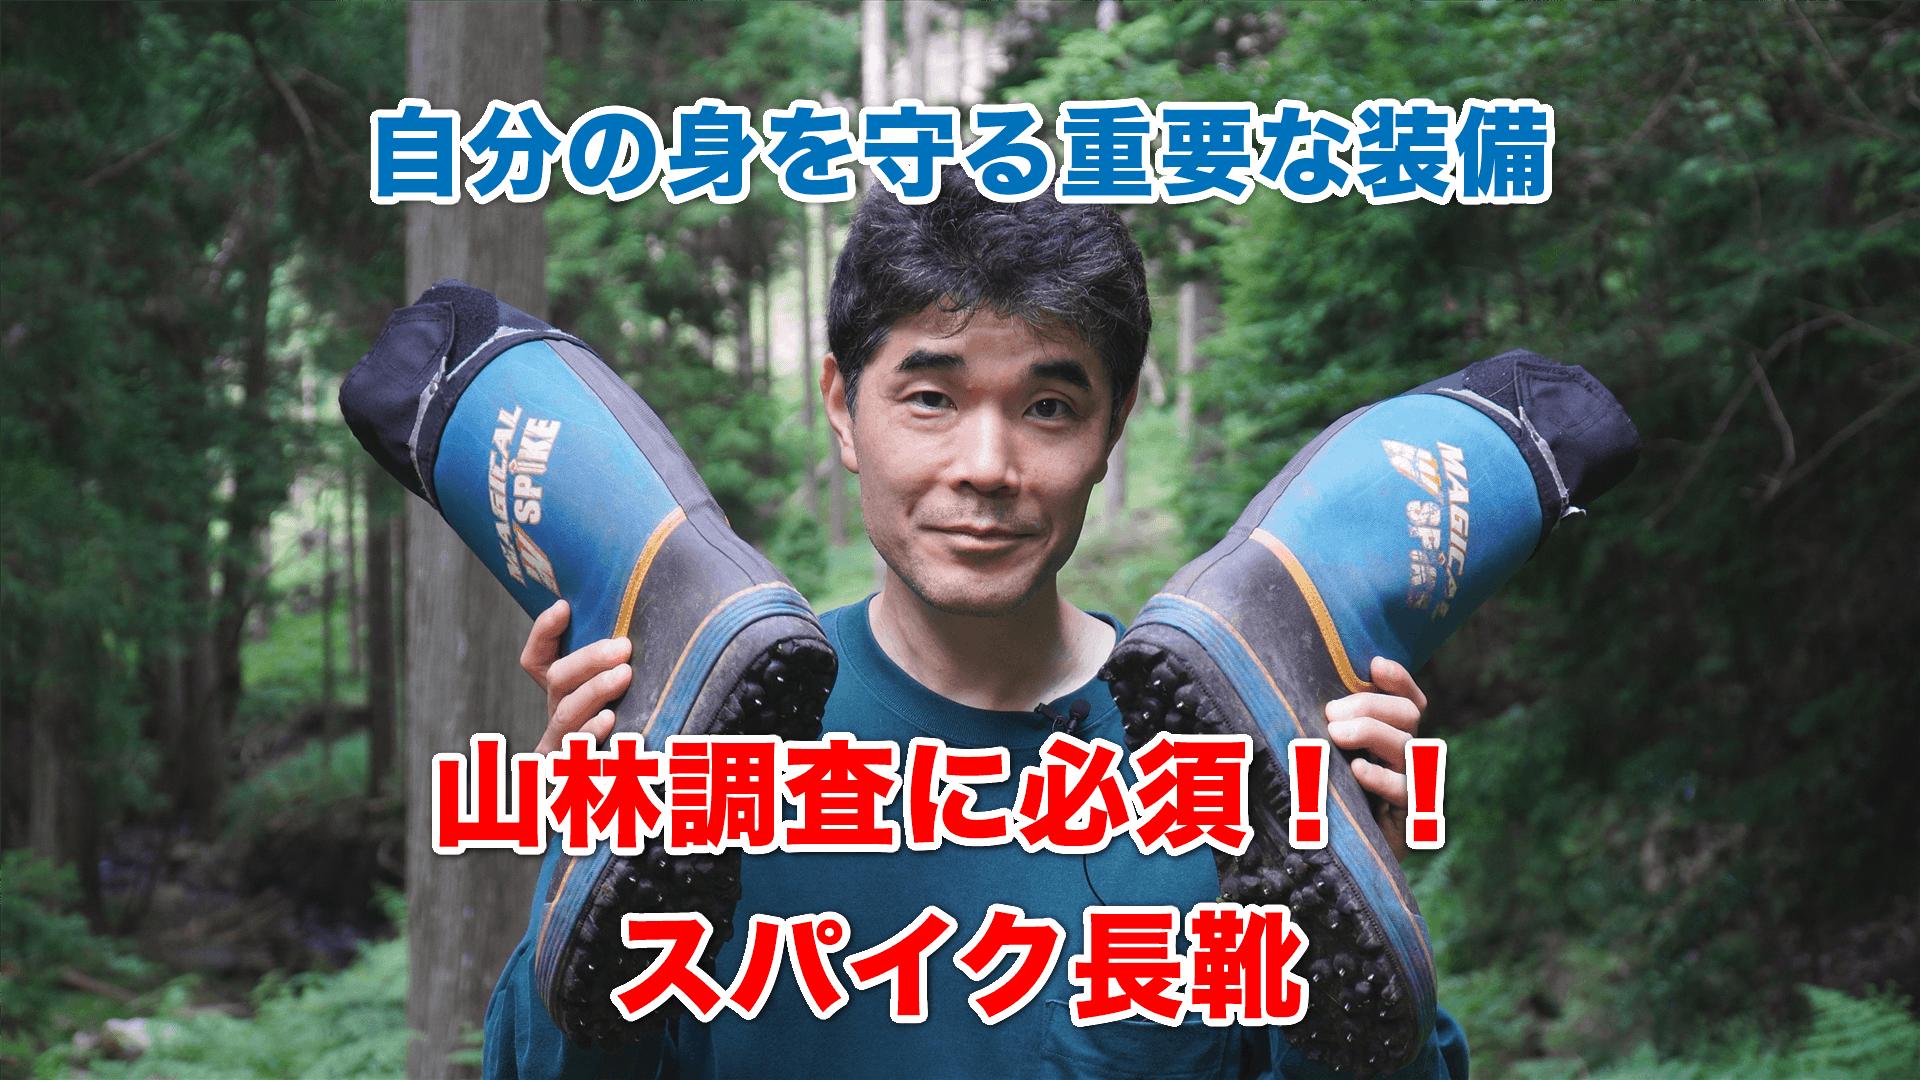 山いちばyoutubeチャンネル 山林調査に必須 スパイク長靴